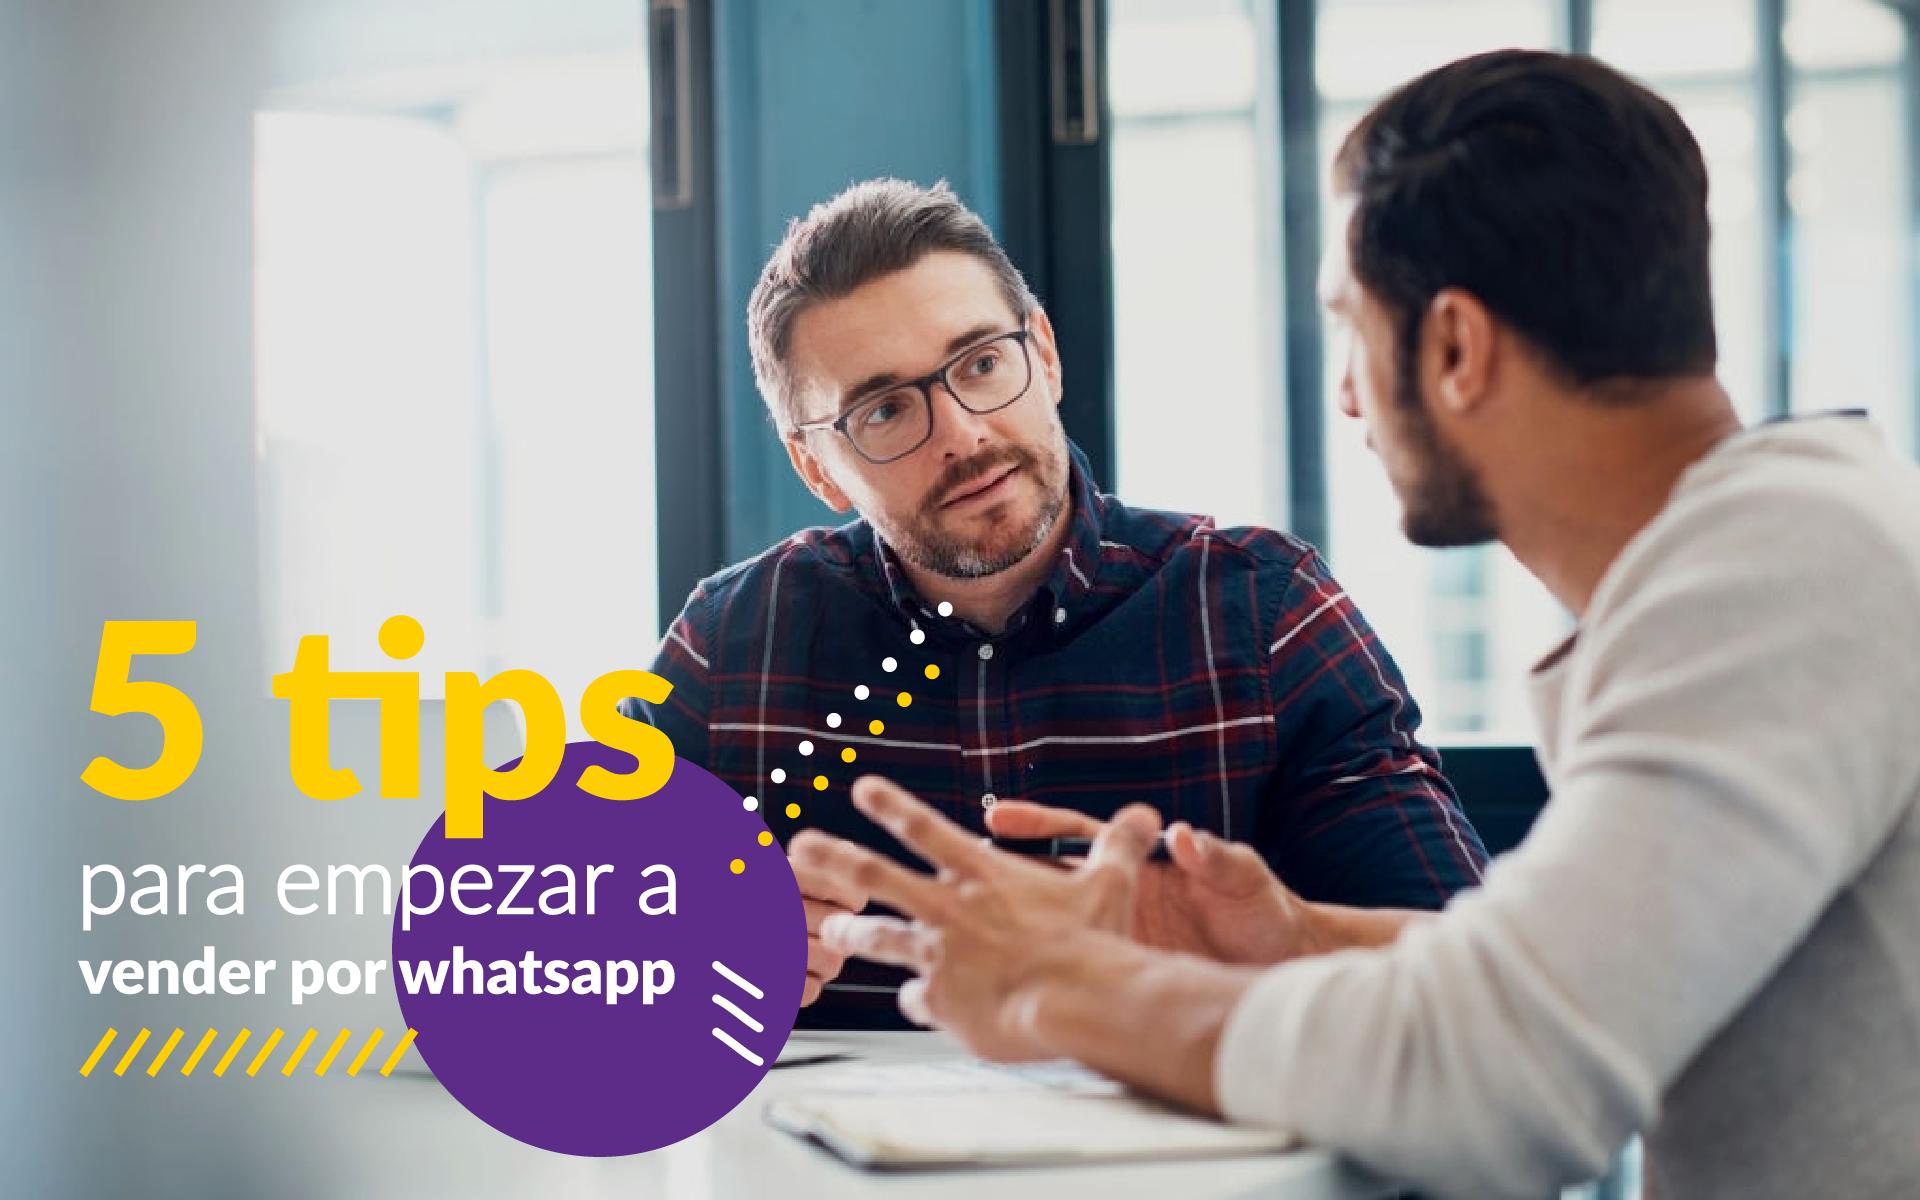 5 Tips para empezar a vender por Whatsapp